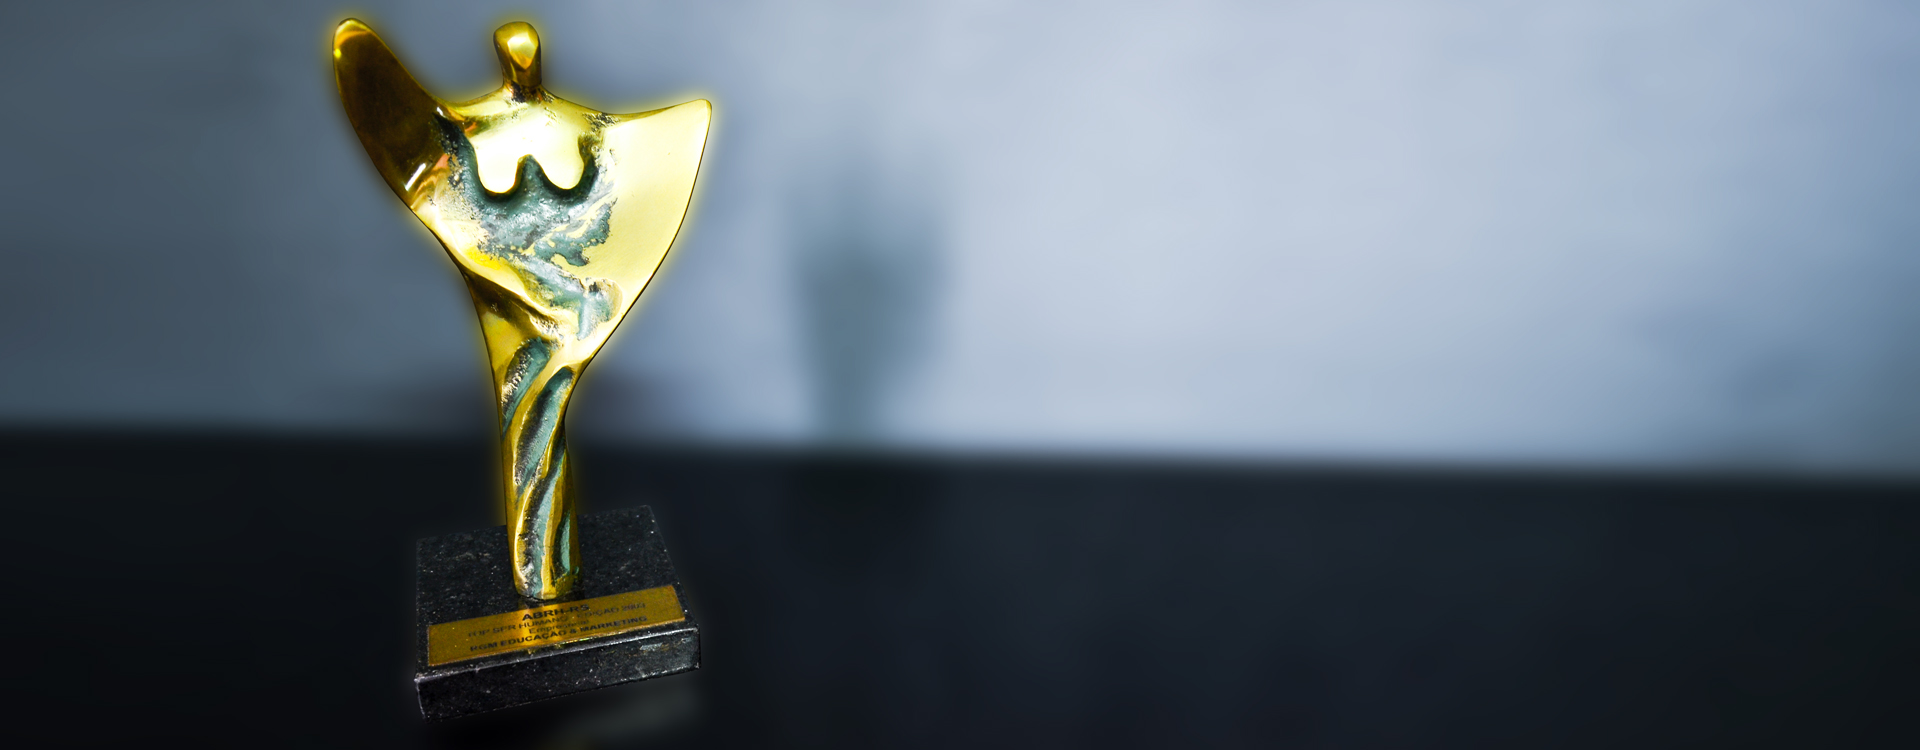 premio_abrh-rs-rgm